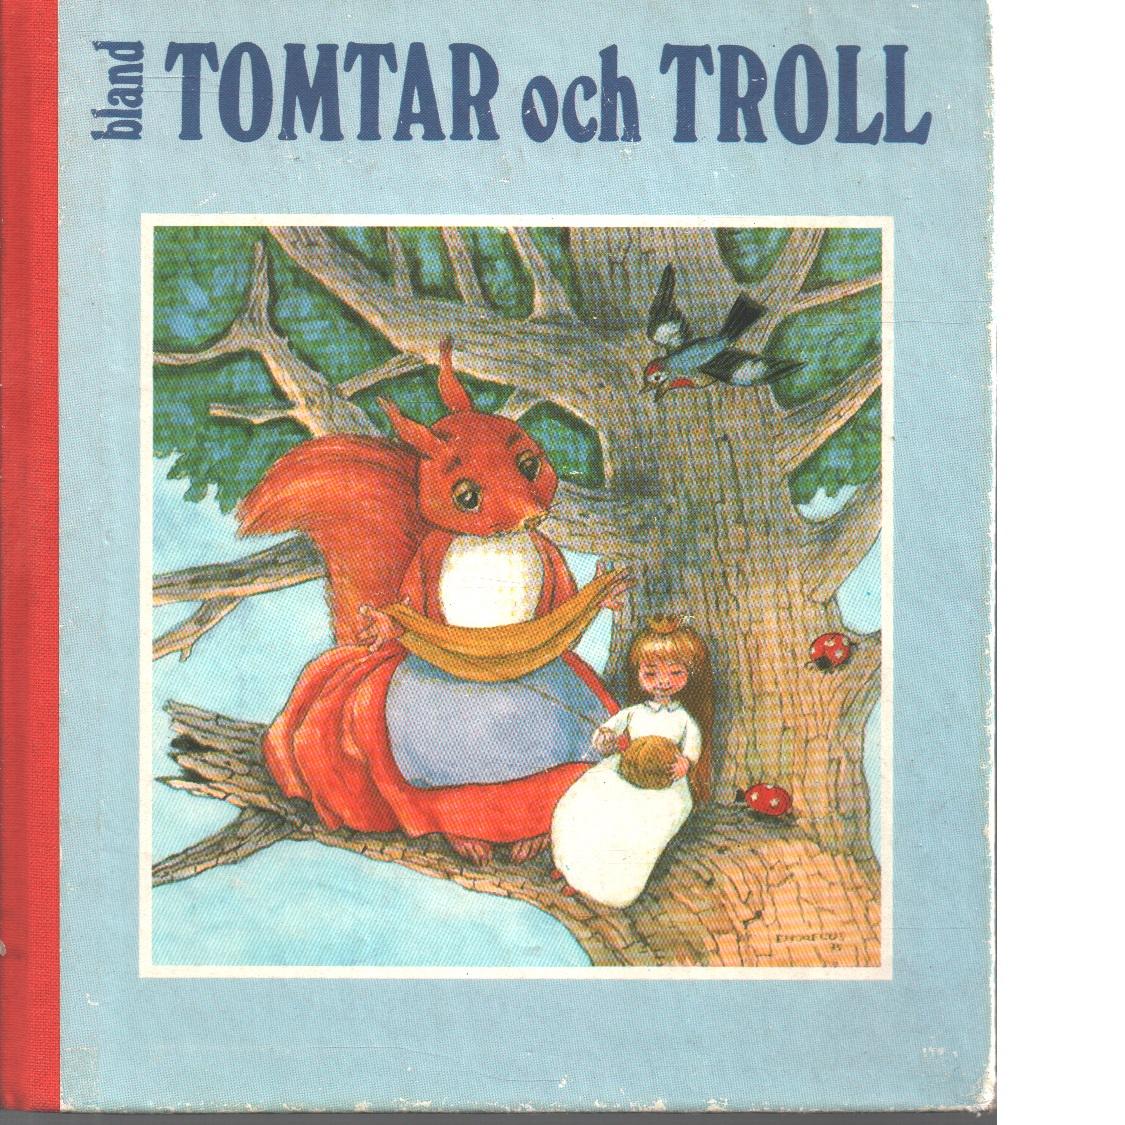 Bland tomtar och troll. Årg. 69  / omslag och illustrationer: Hans Arnold - Red.